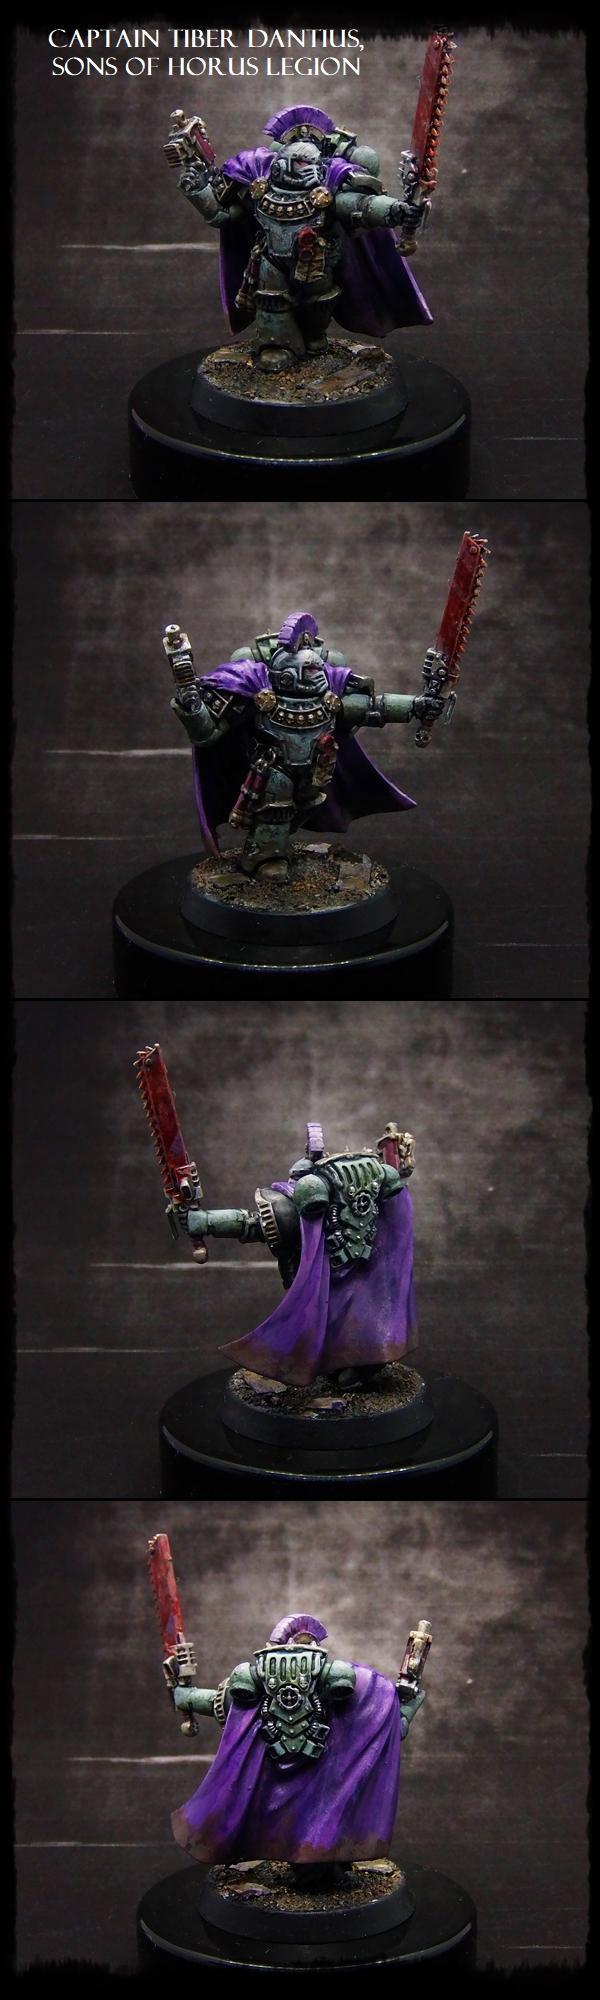 30k, Captain, Commander, Horus Heresy, Legion, Luna Wolves, Sons Of Horus